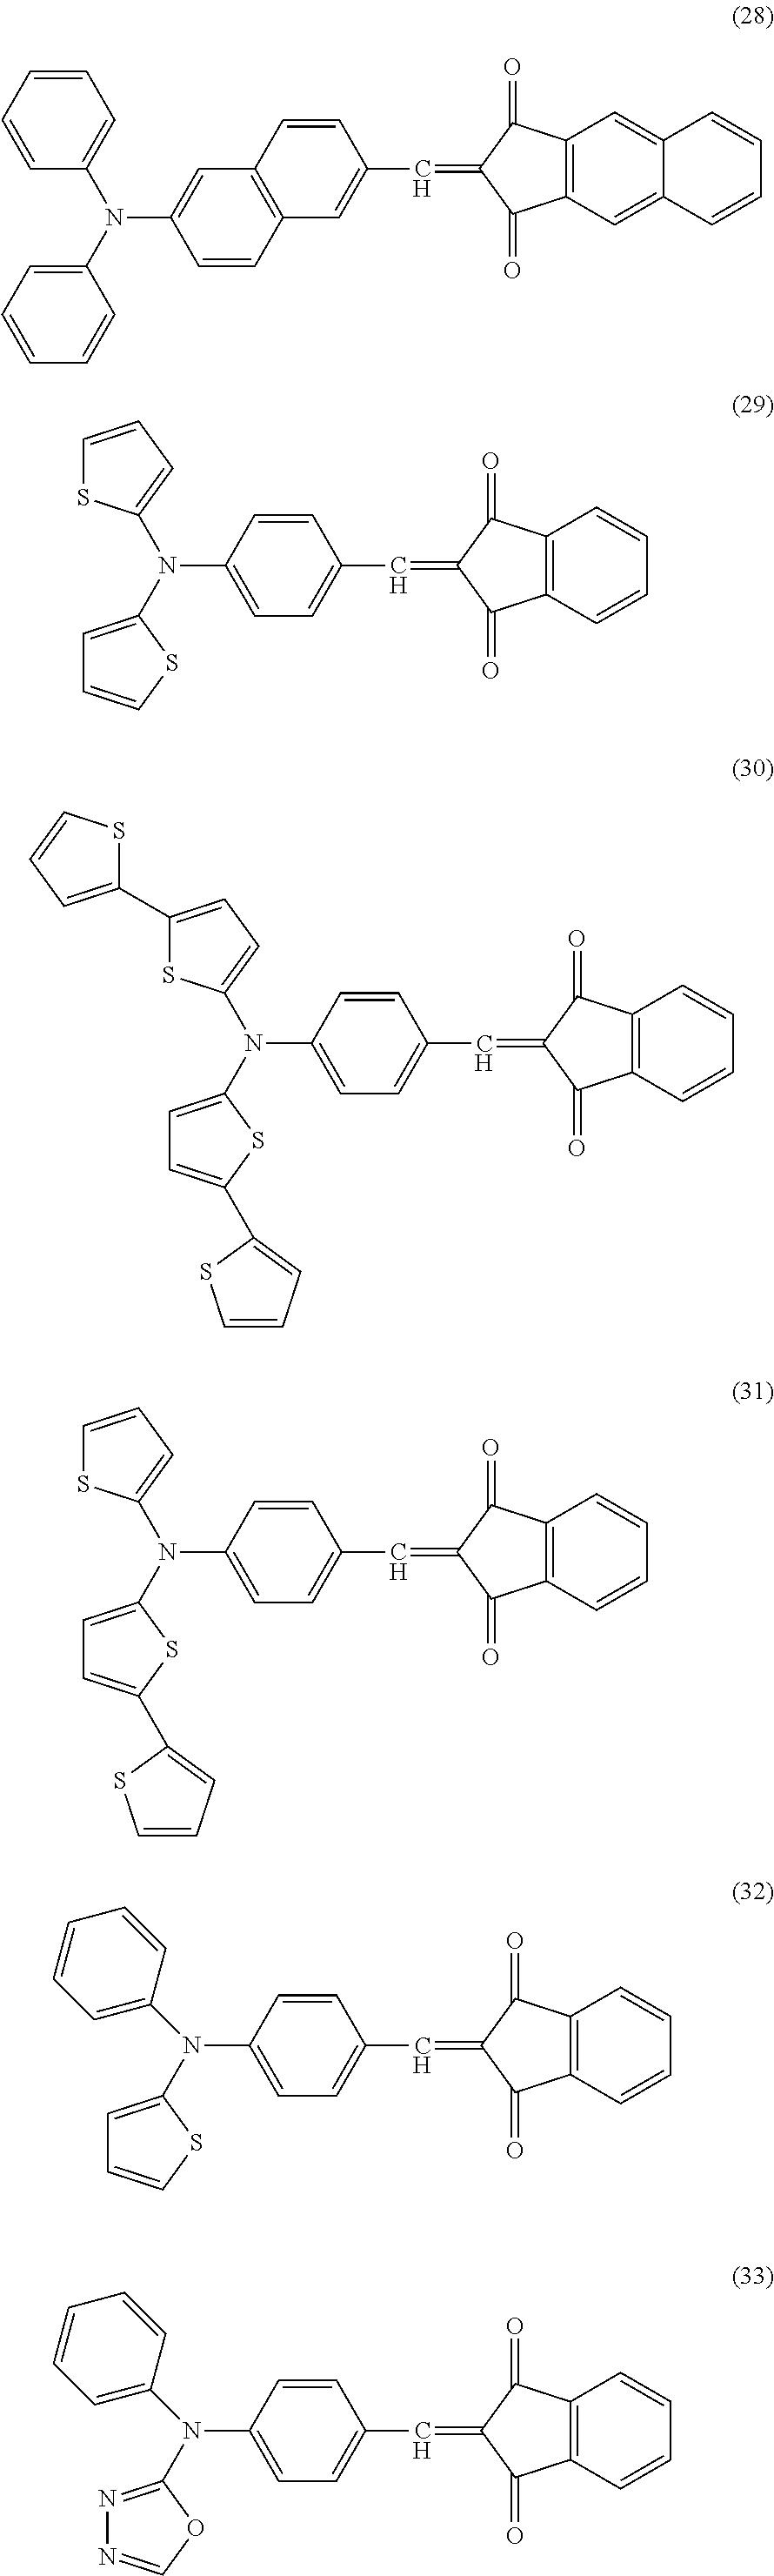 Figure US08847141-20140930-C00088